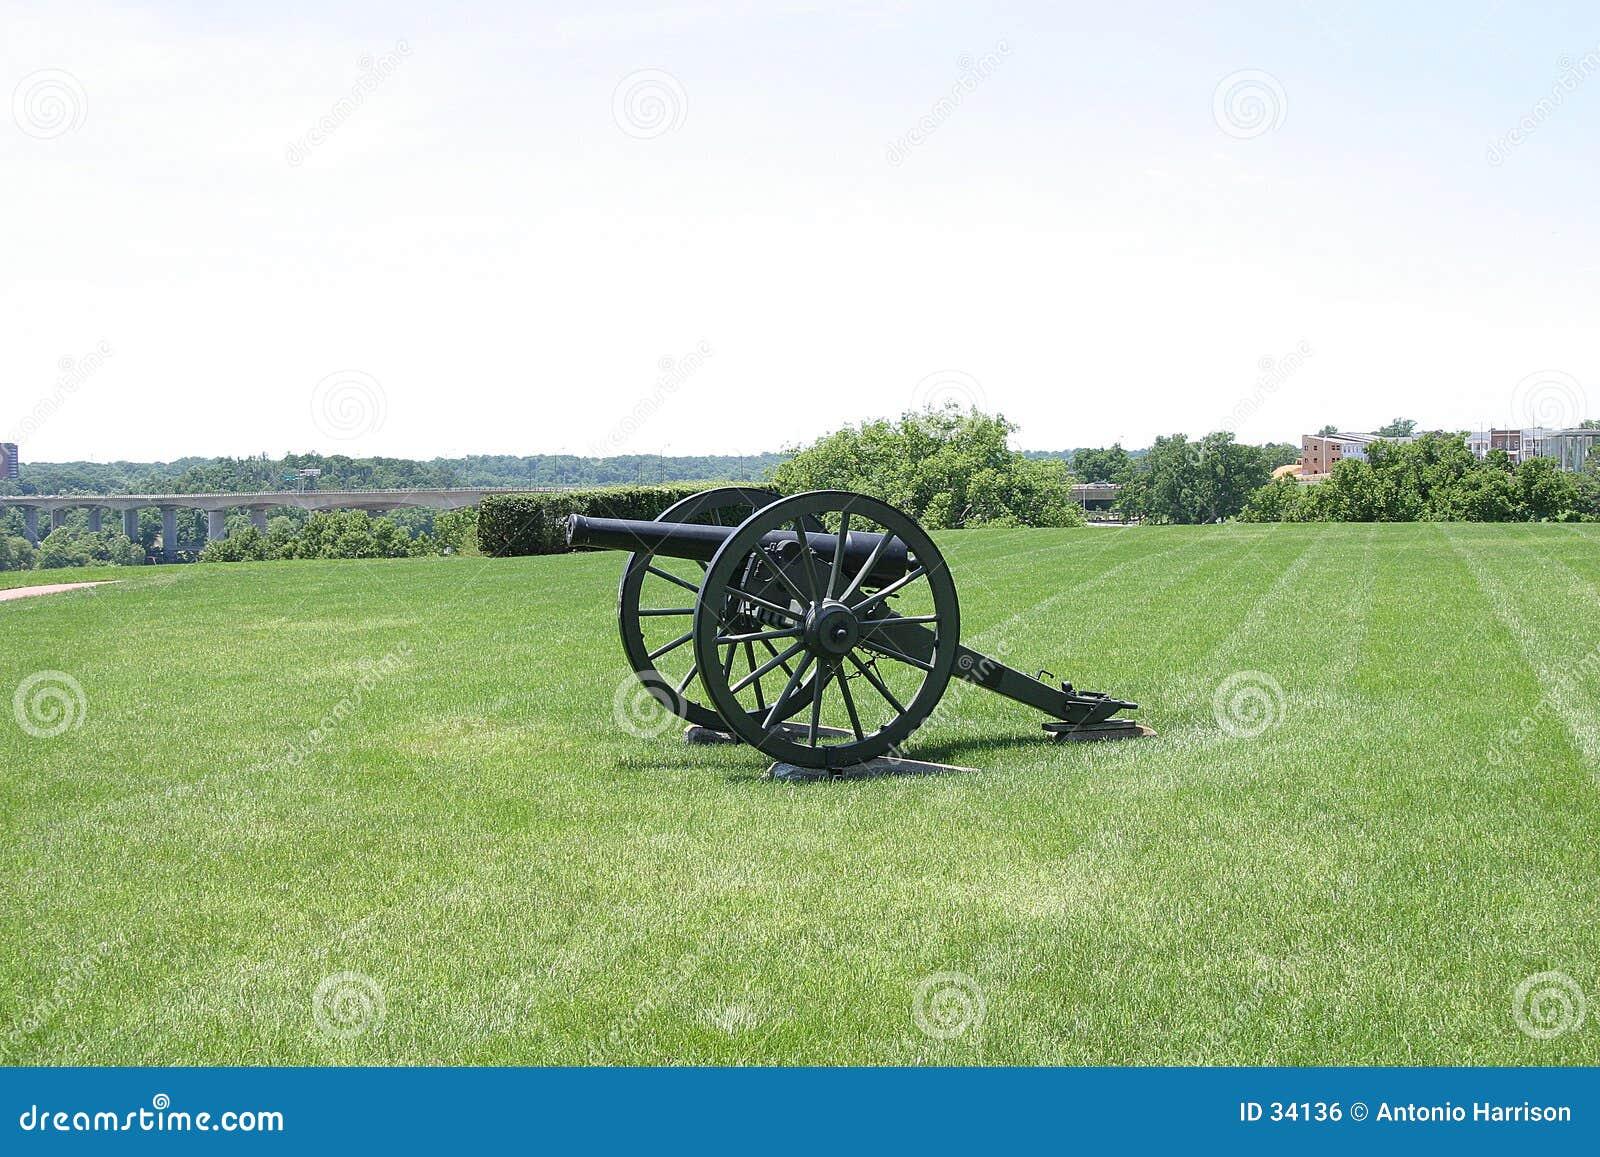 Canon field